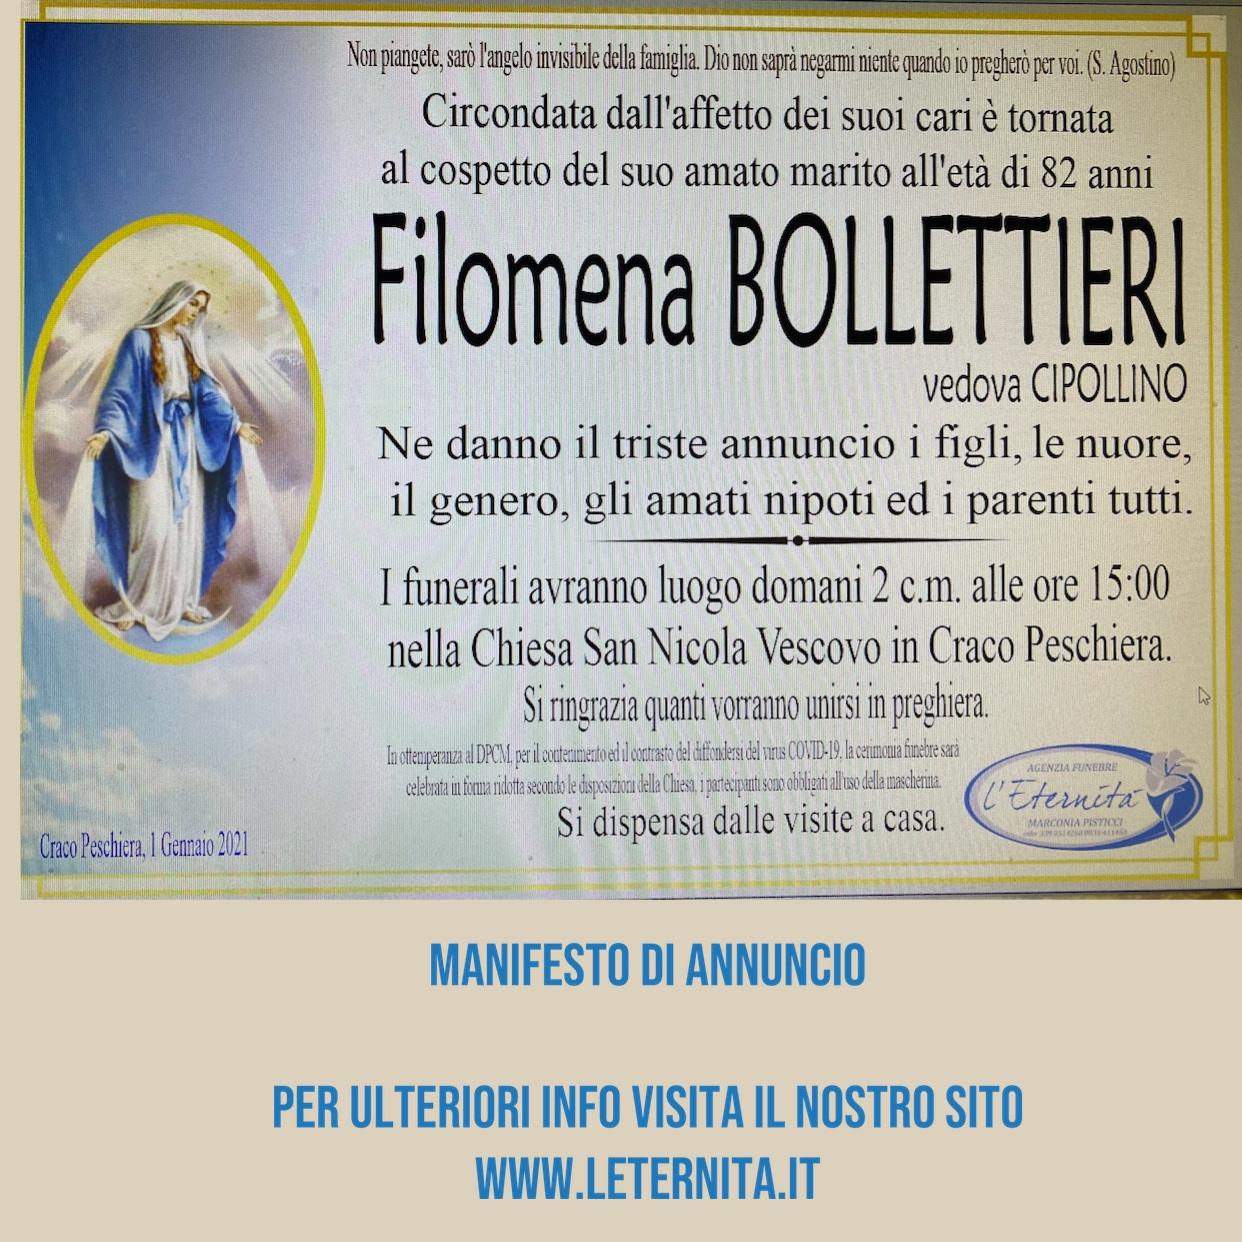 Filomena BOLLETTIERI